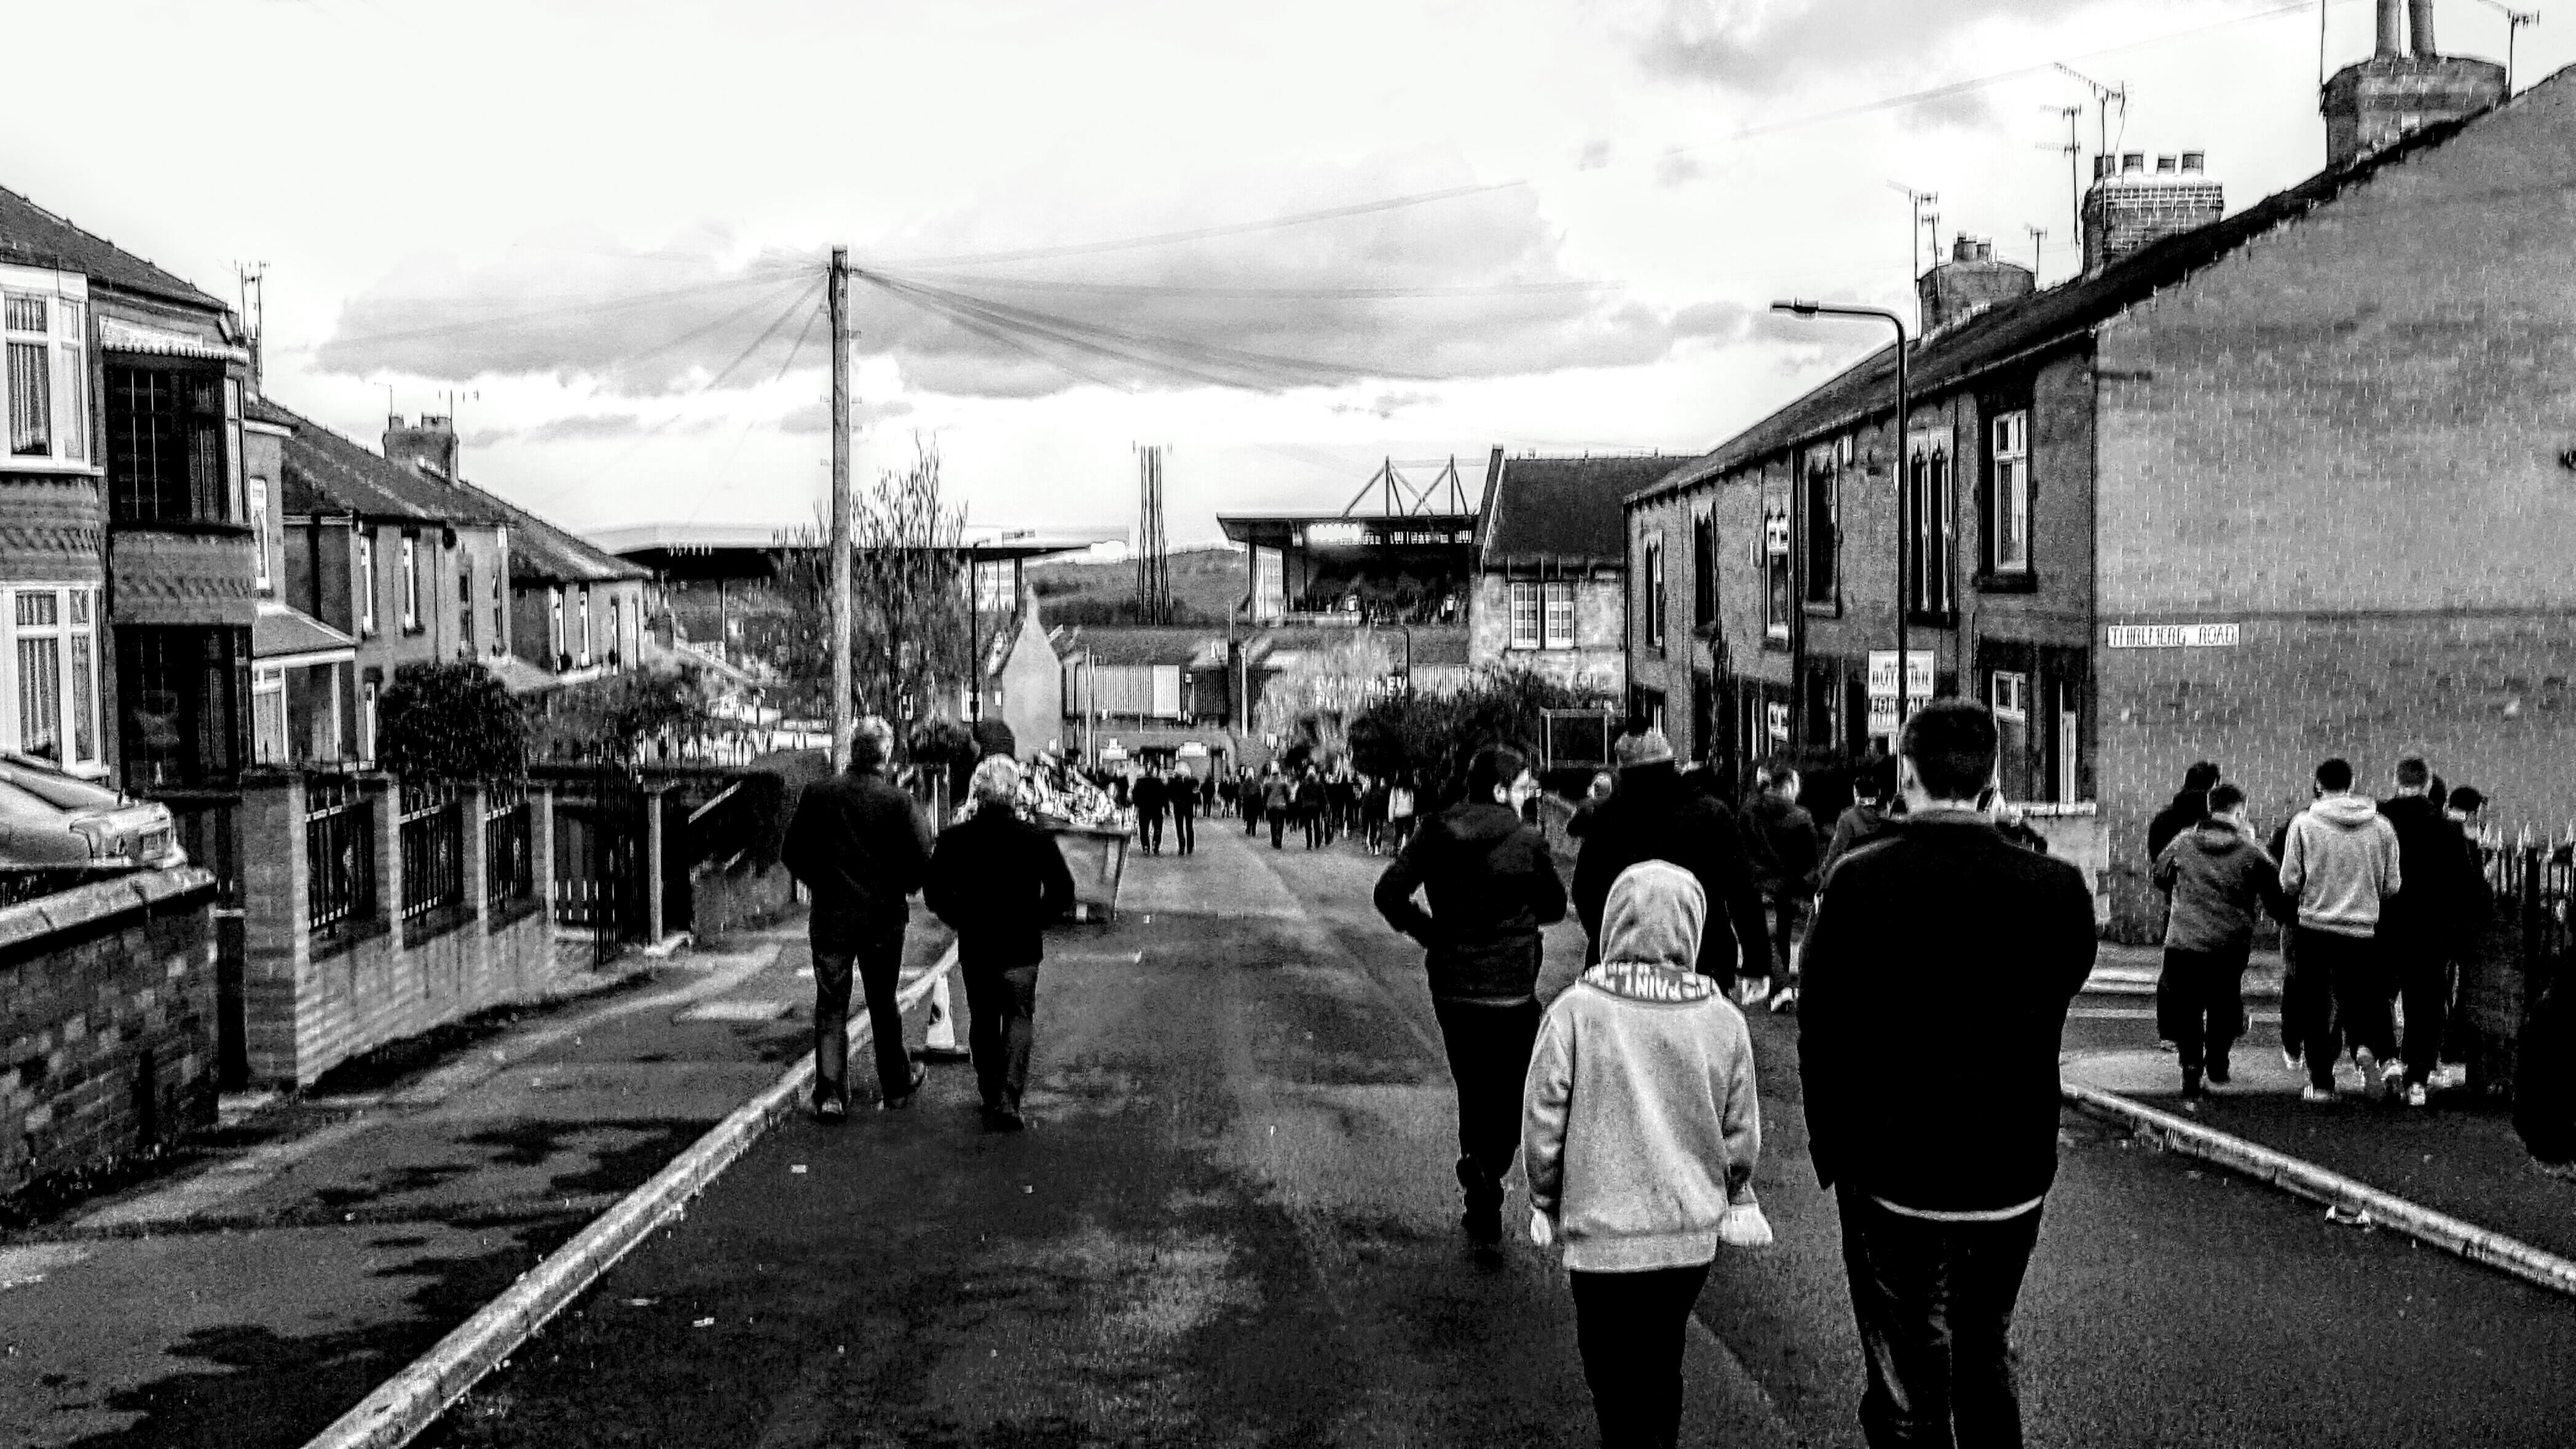 Barnsley v Wigan 19-11-2016